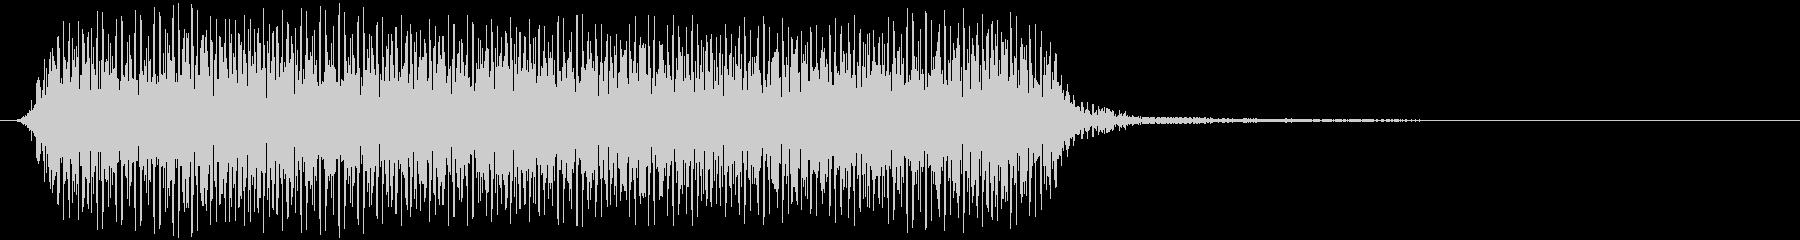 汽笛 ホーッ(アレンジ)の未再生の波形